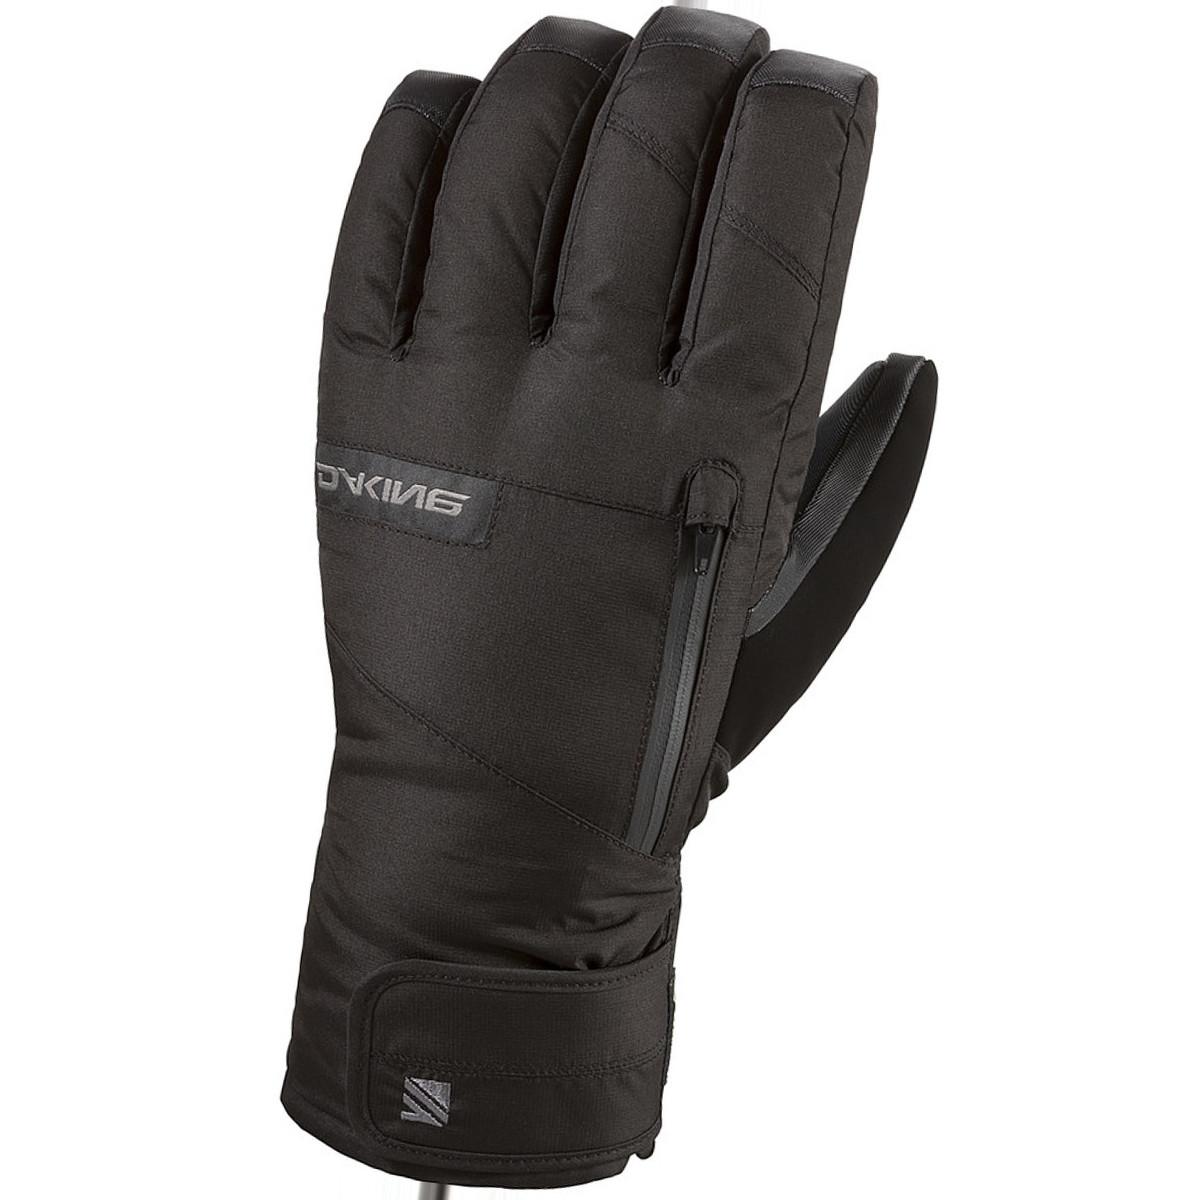 DAKINE Titan Short Glove - Men's